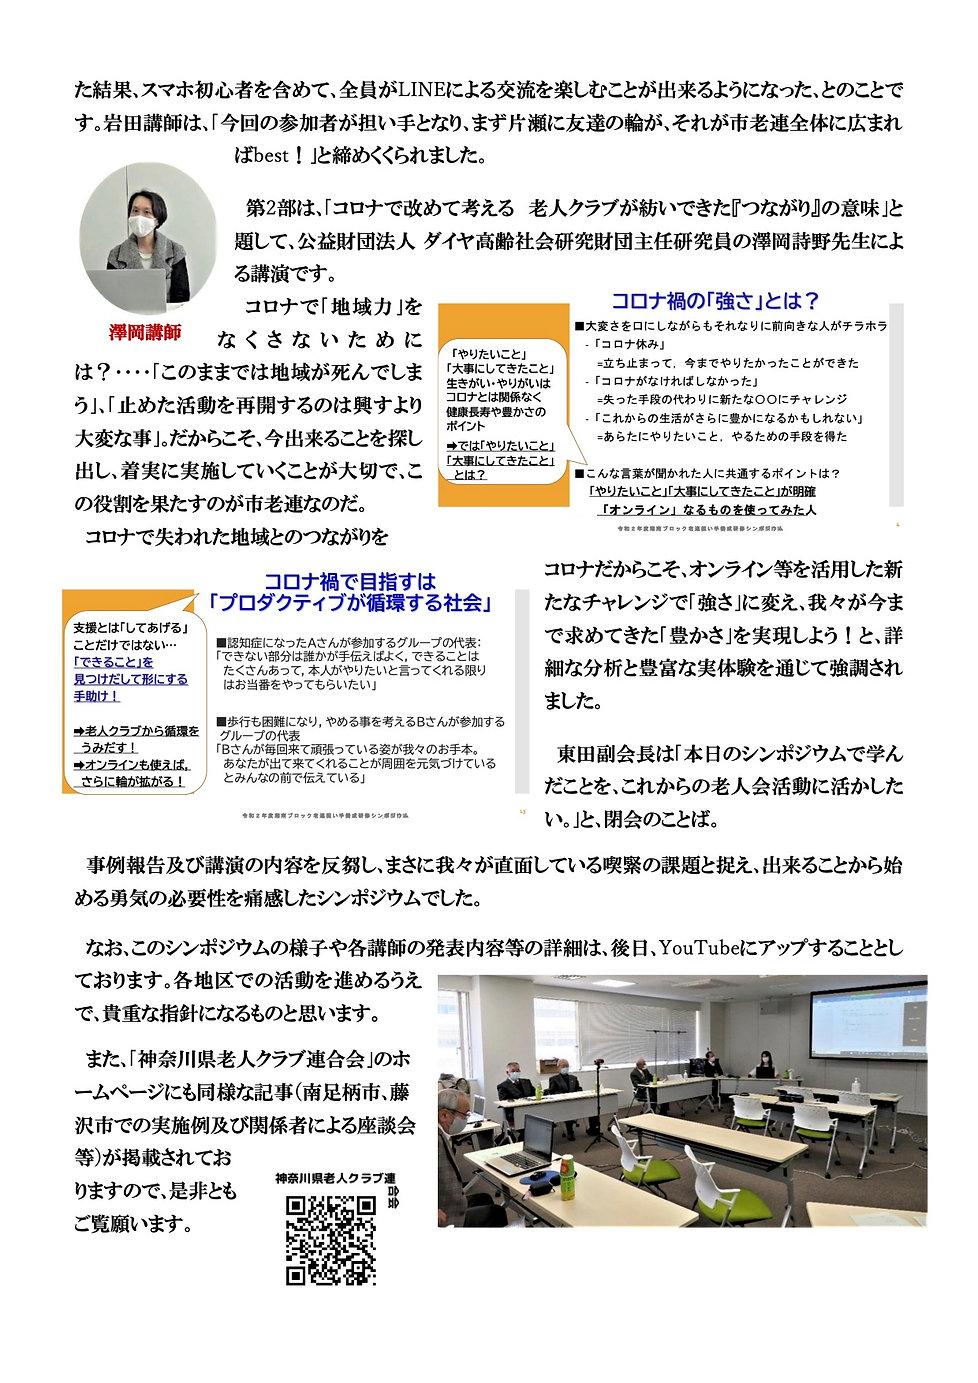 湘南Bシンポ記事-QR付き2.jpg